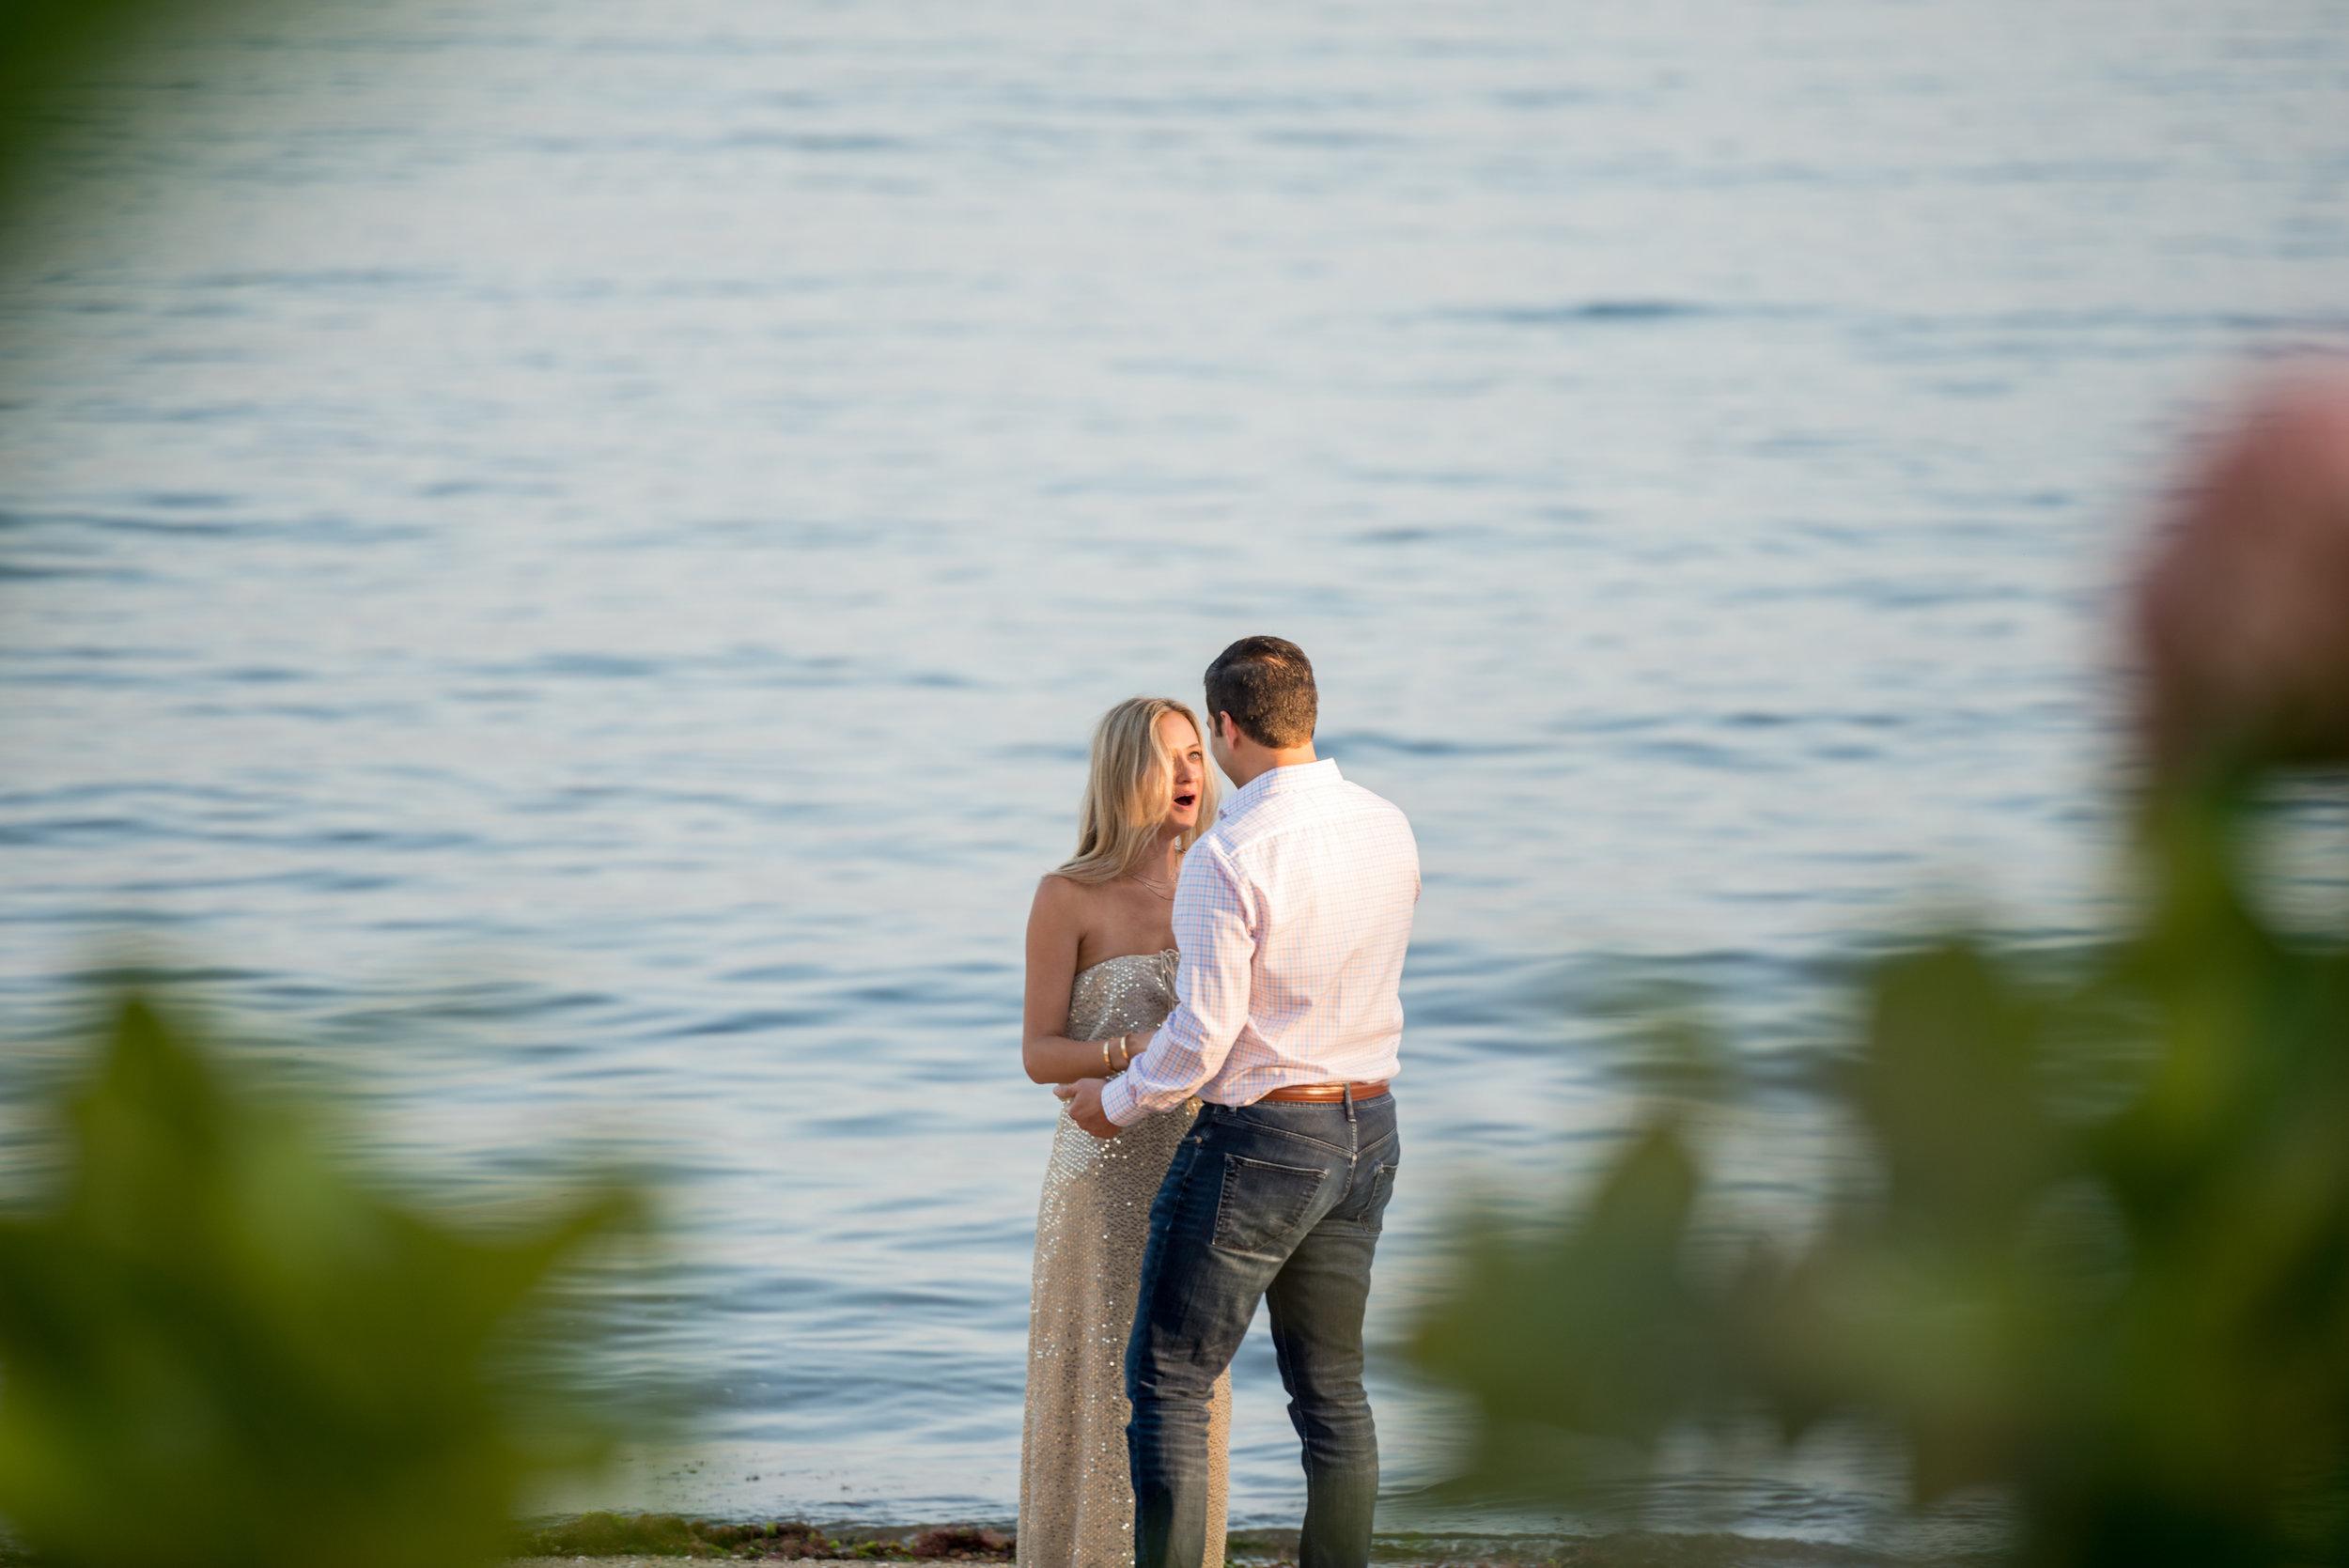 Proposal-Photos-091617-6.jpg